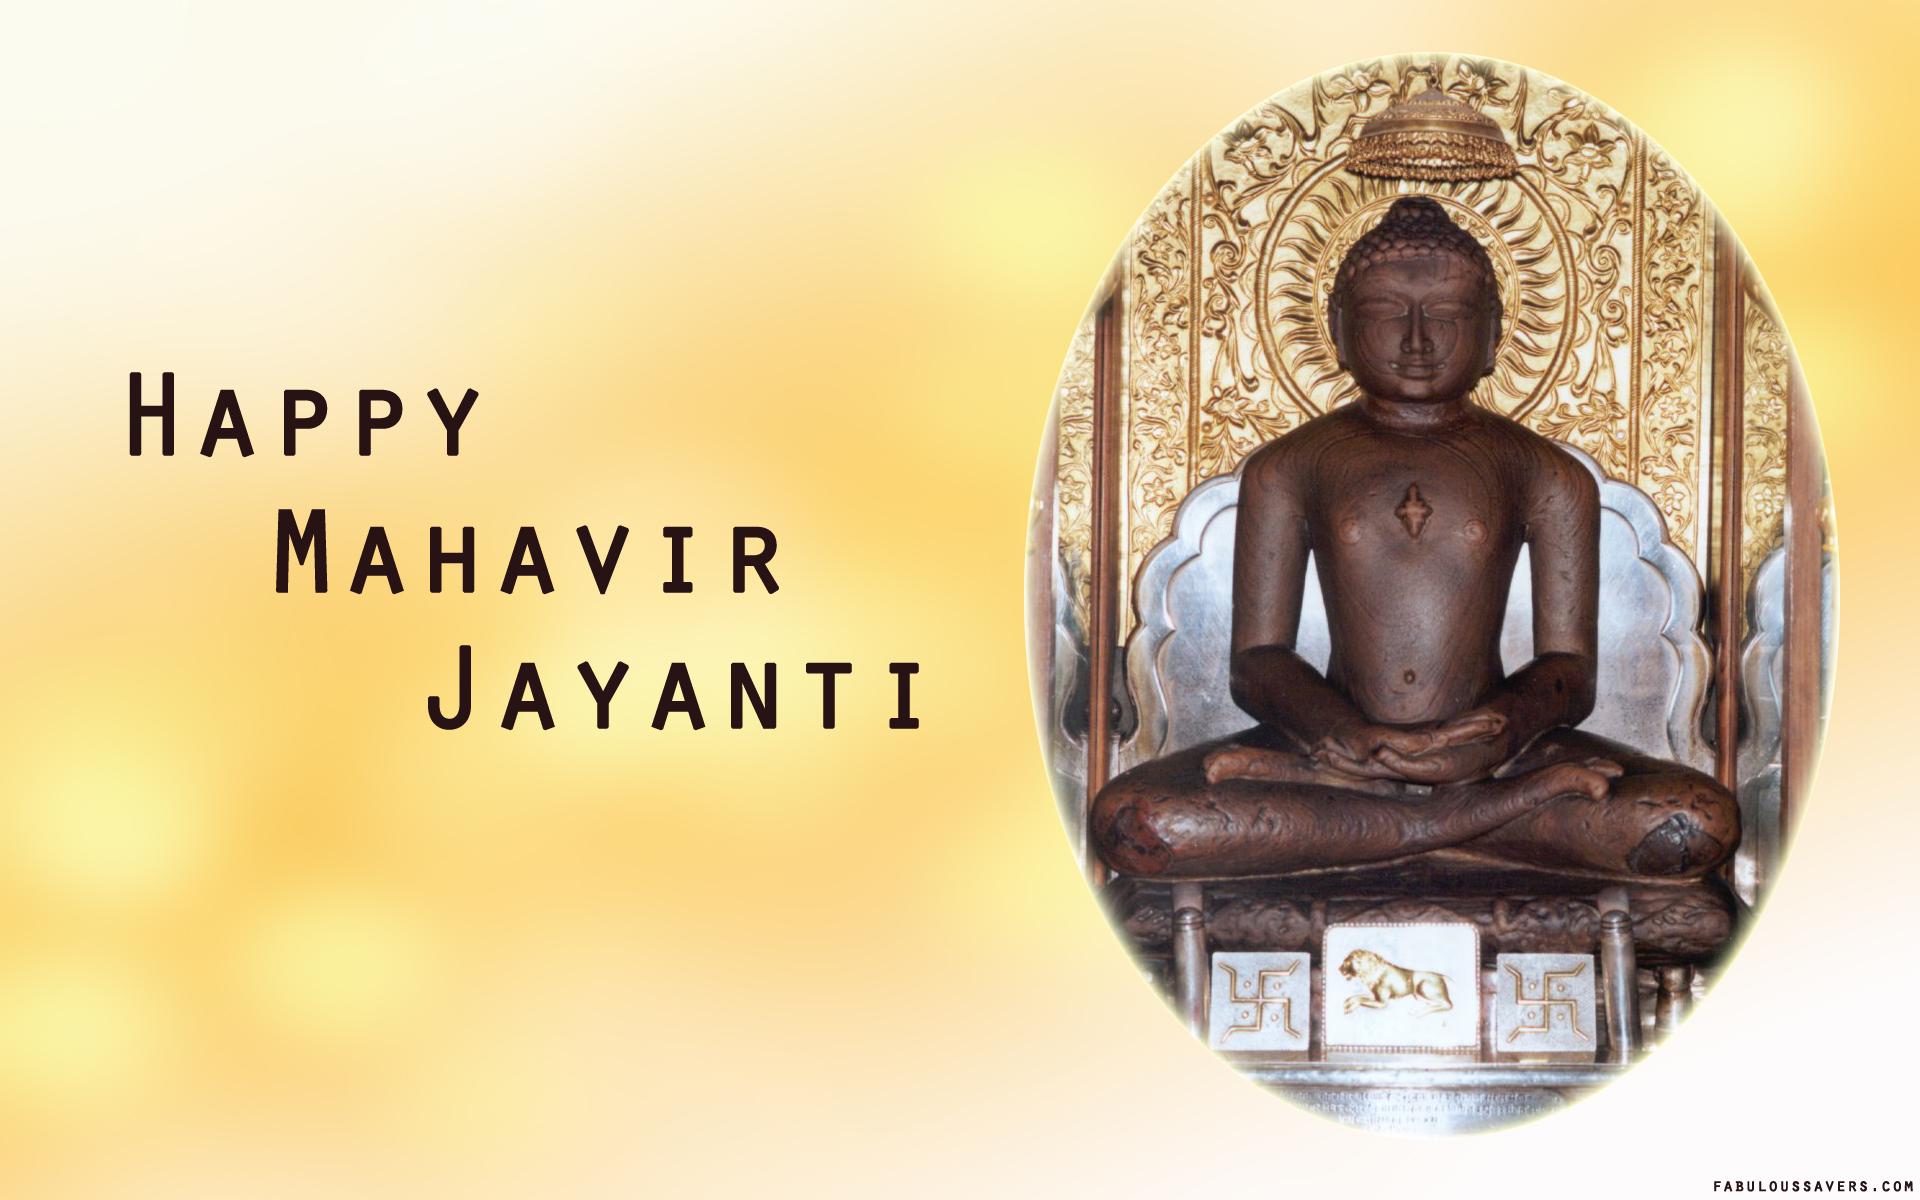 Mahavira Jayanti